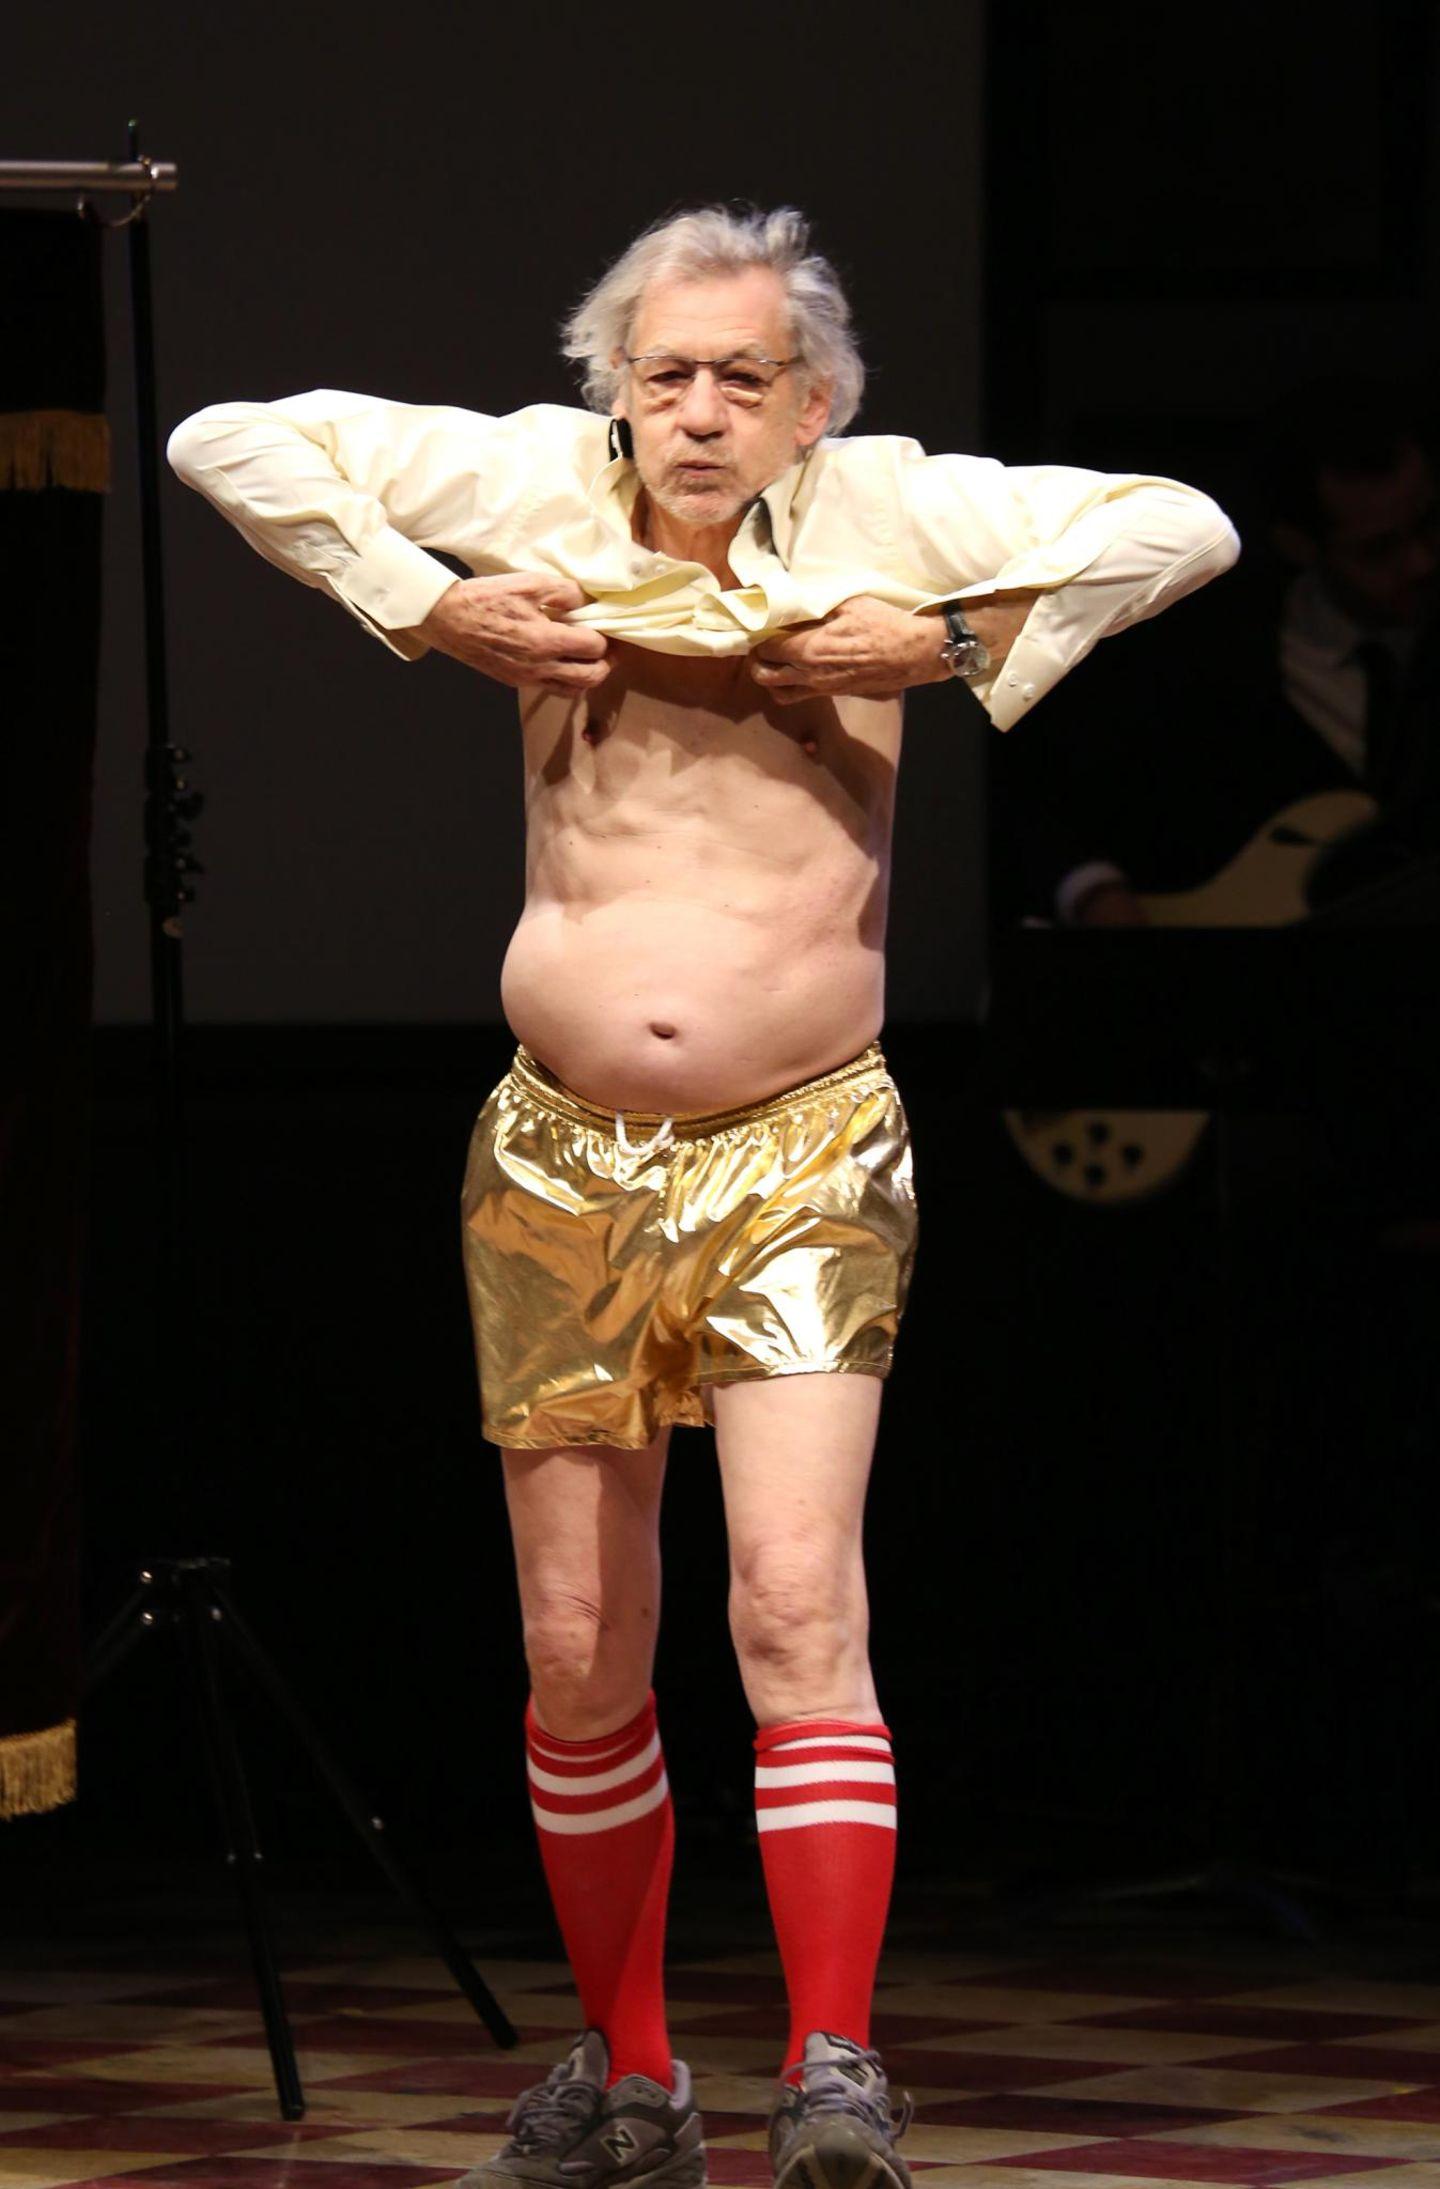 """Ian McKellen steht bei der """"14th Annual Only Make Believe Gala"""" im Bernard B. Jacobs Theater in New York City strippend auf der Bühne."""